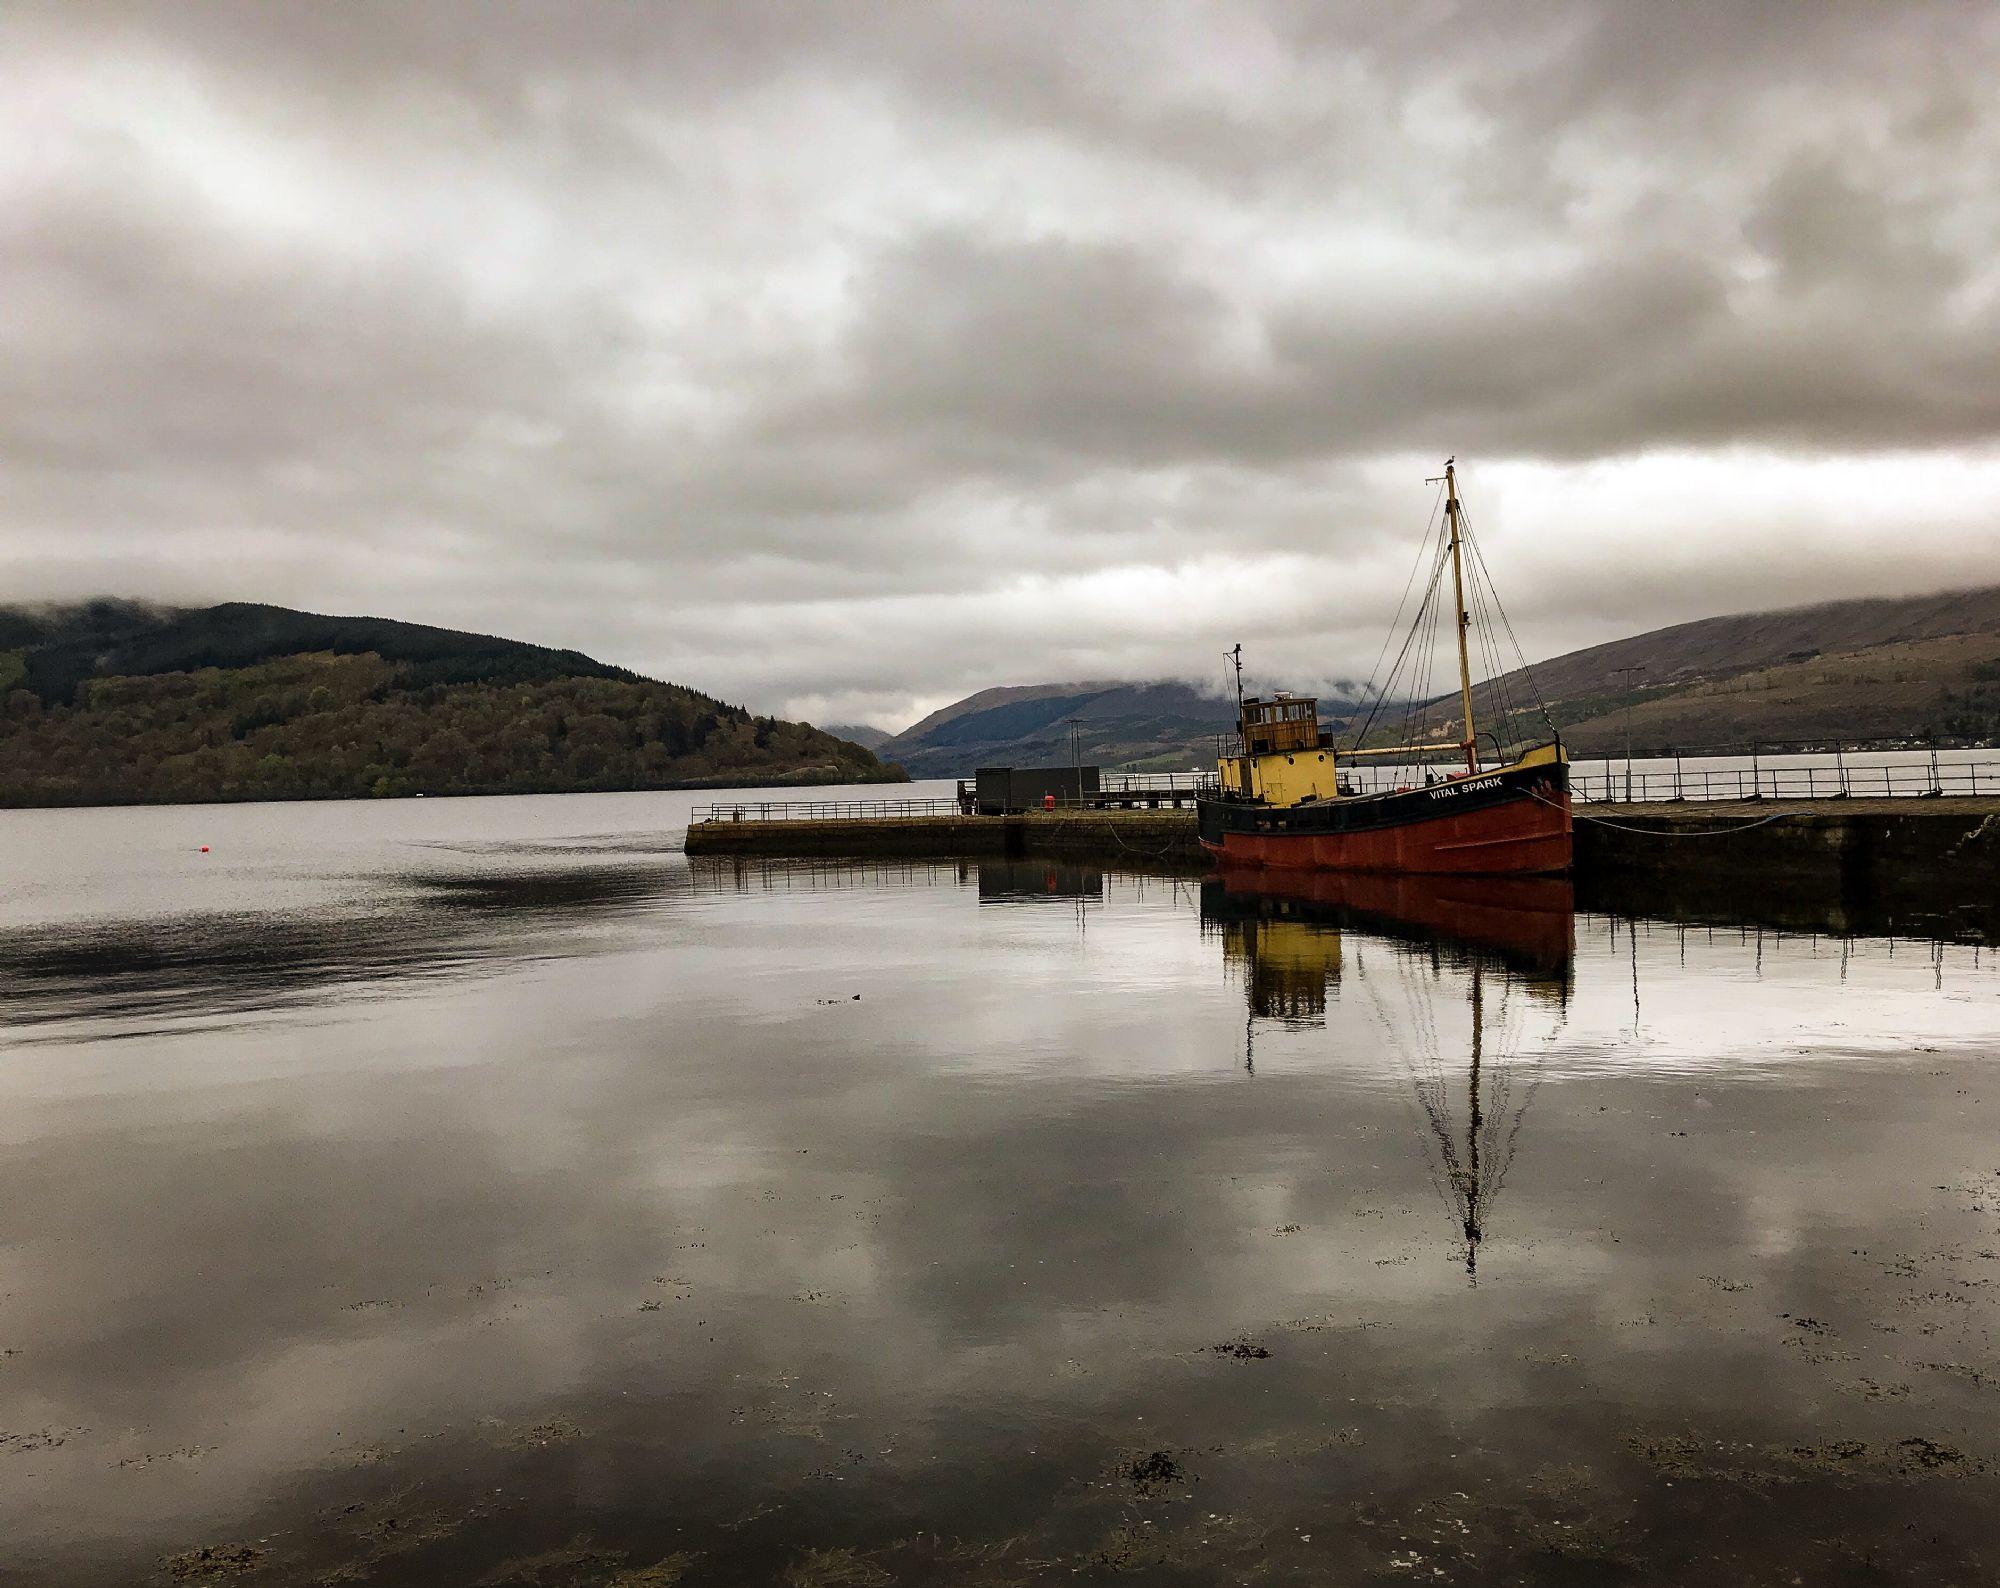 Loch Fyne, Inveraray